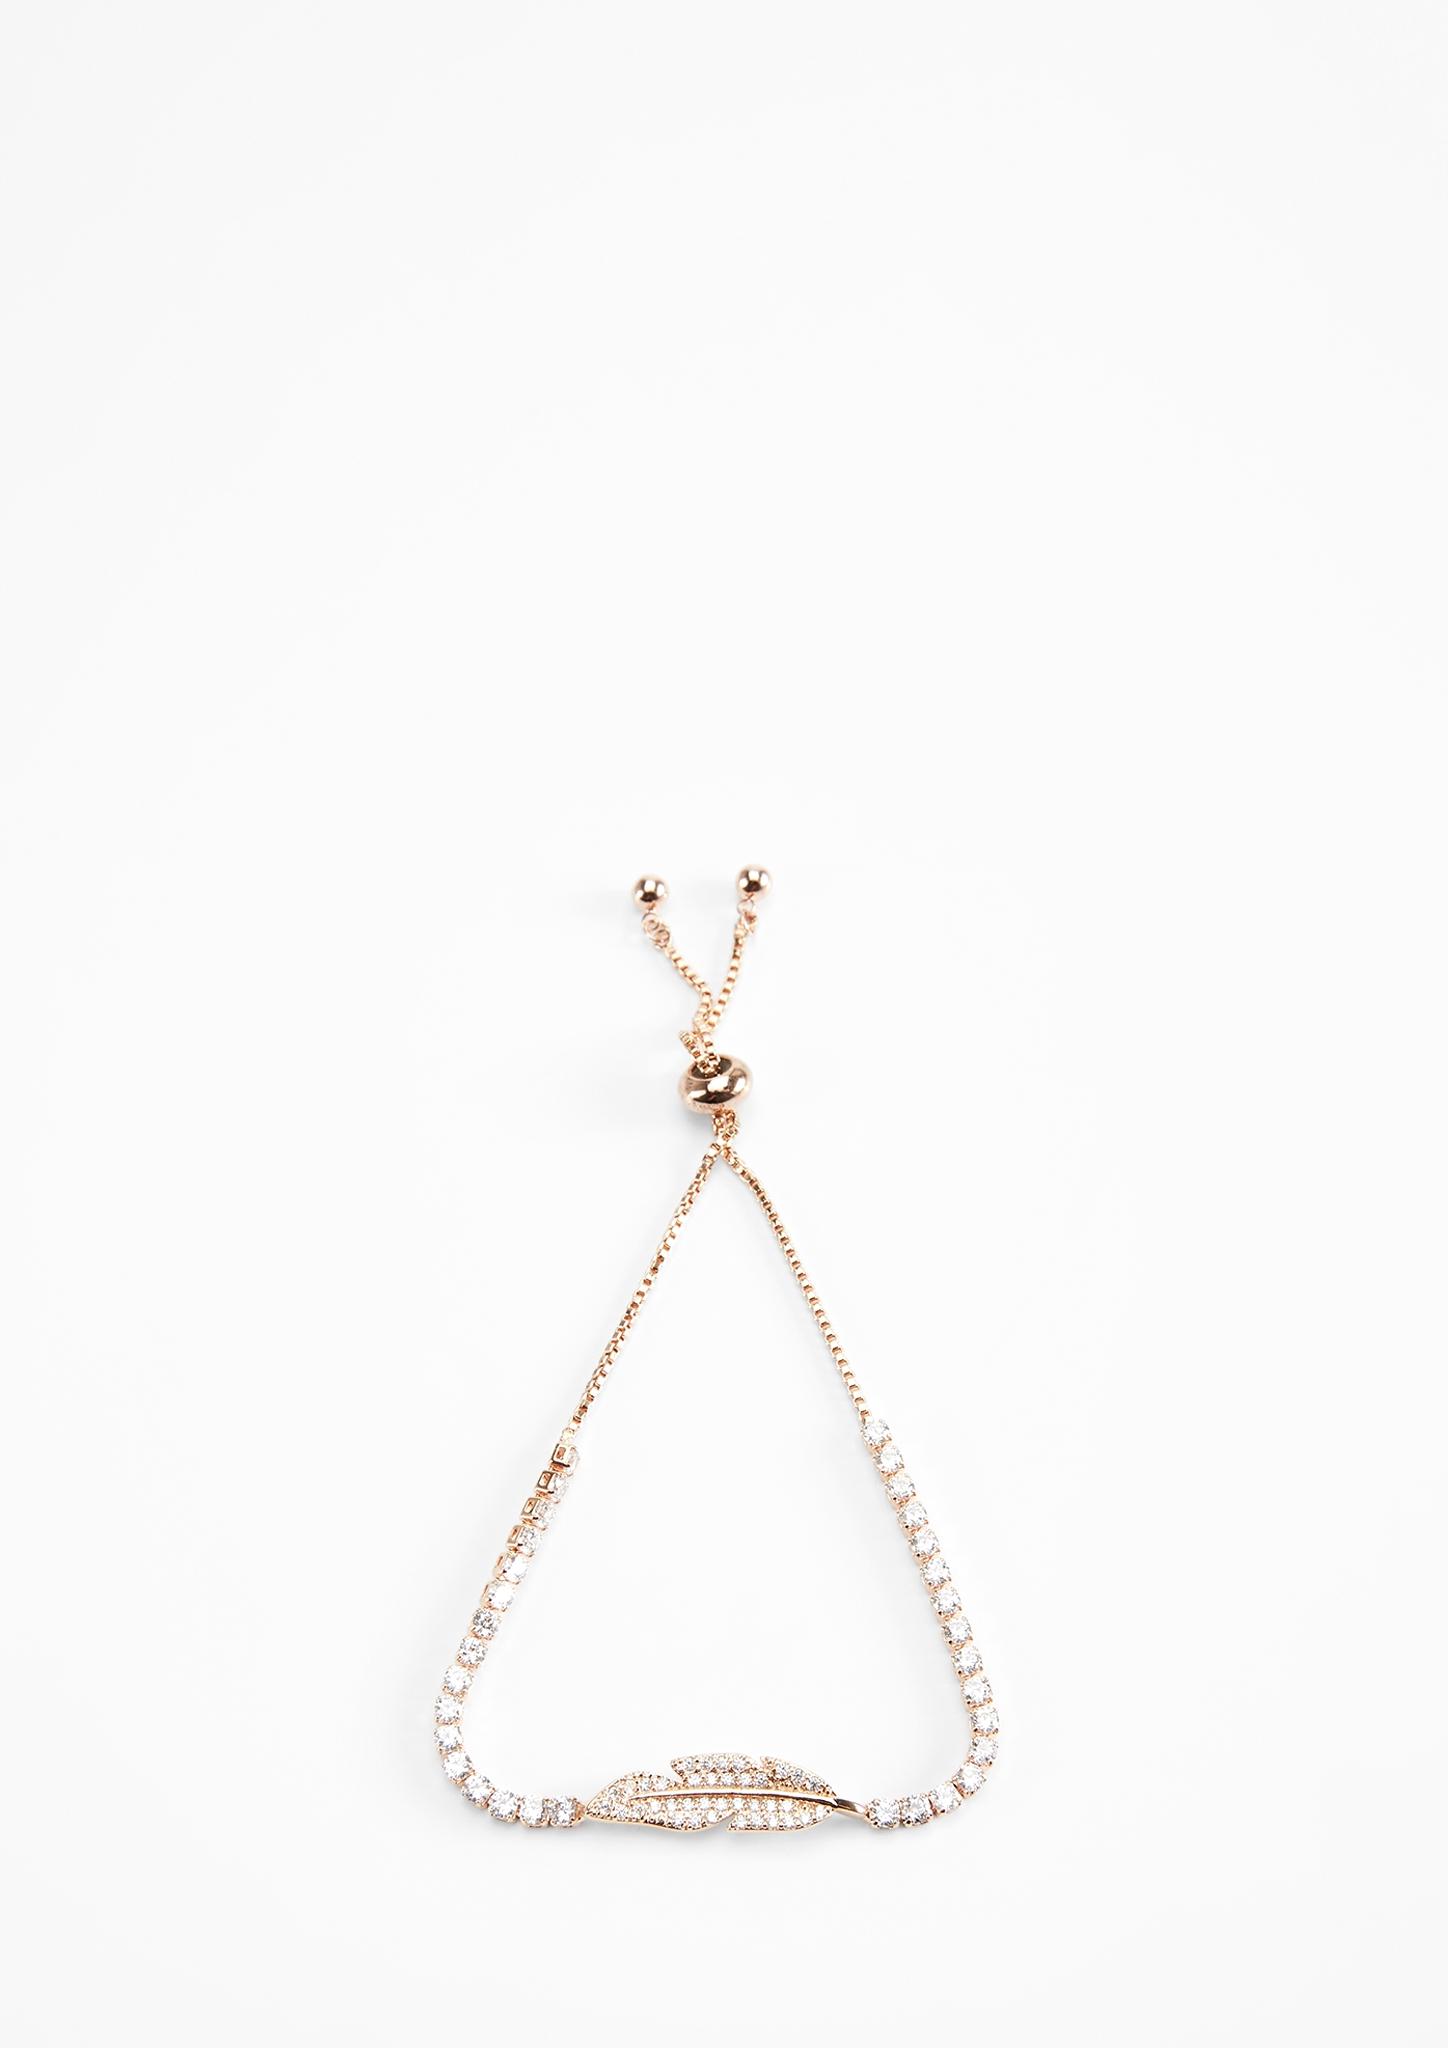 Armkette | Schmuck > Armbänder > Armketten | Gelb | Messing -  strasssteine | sweet deluxe